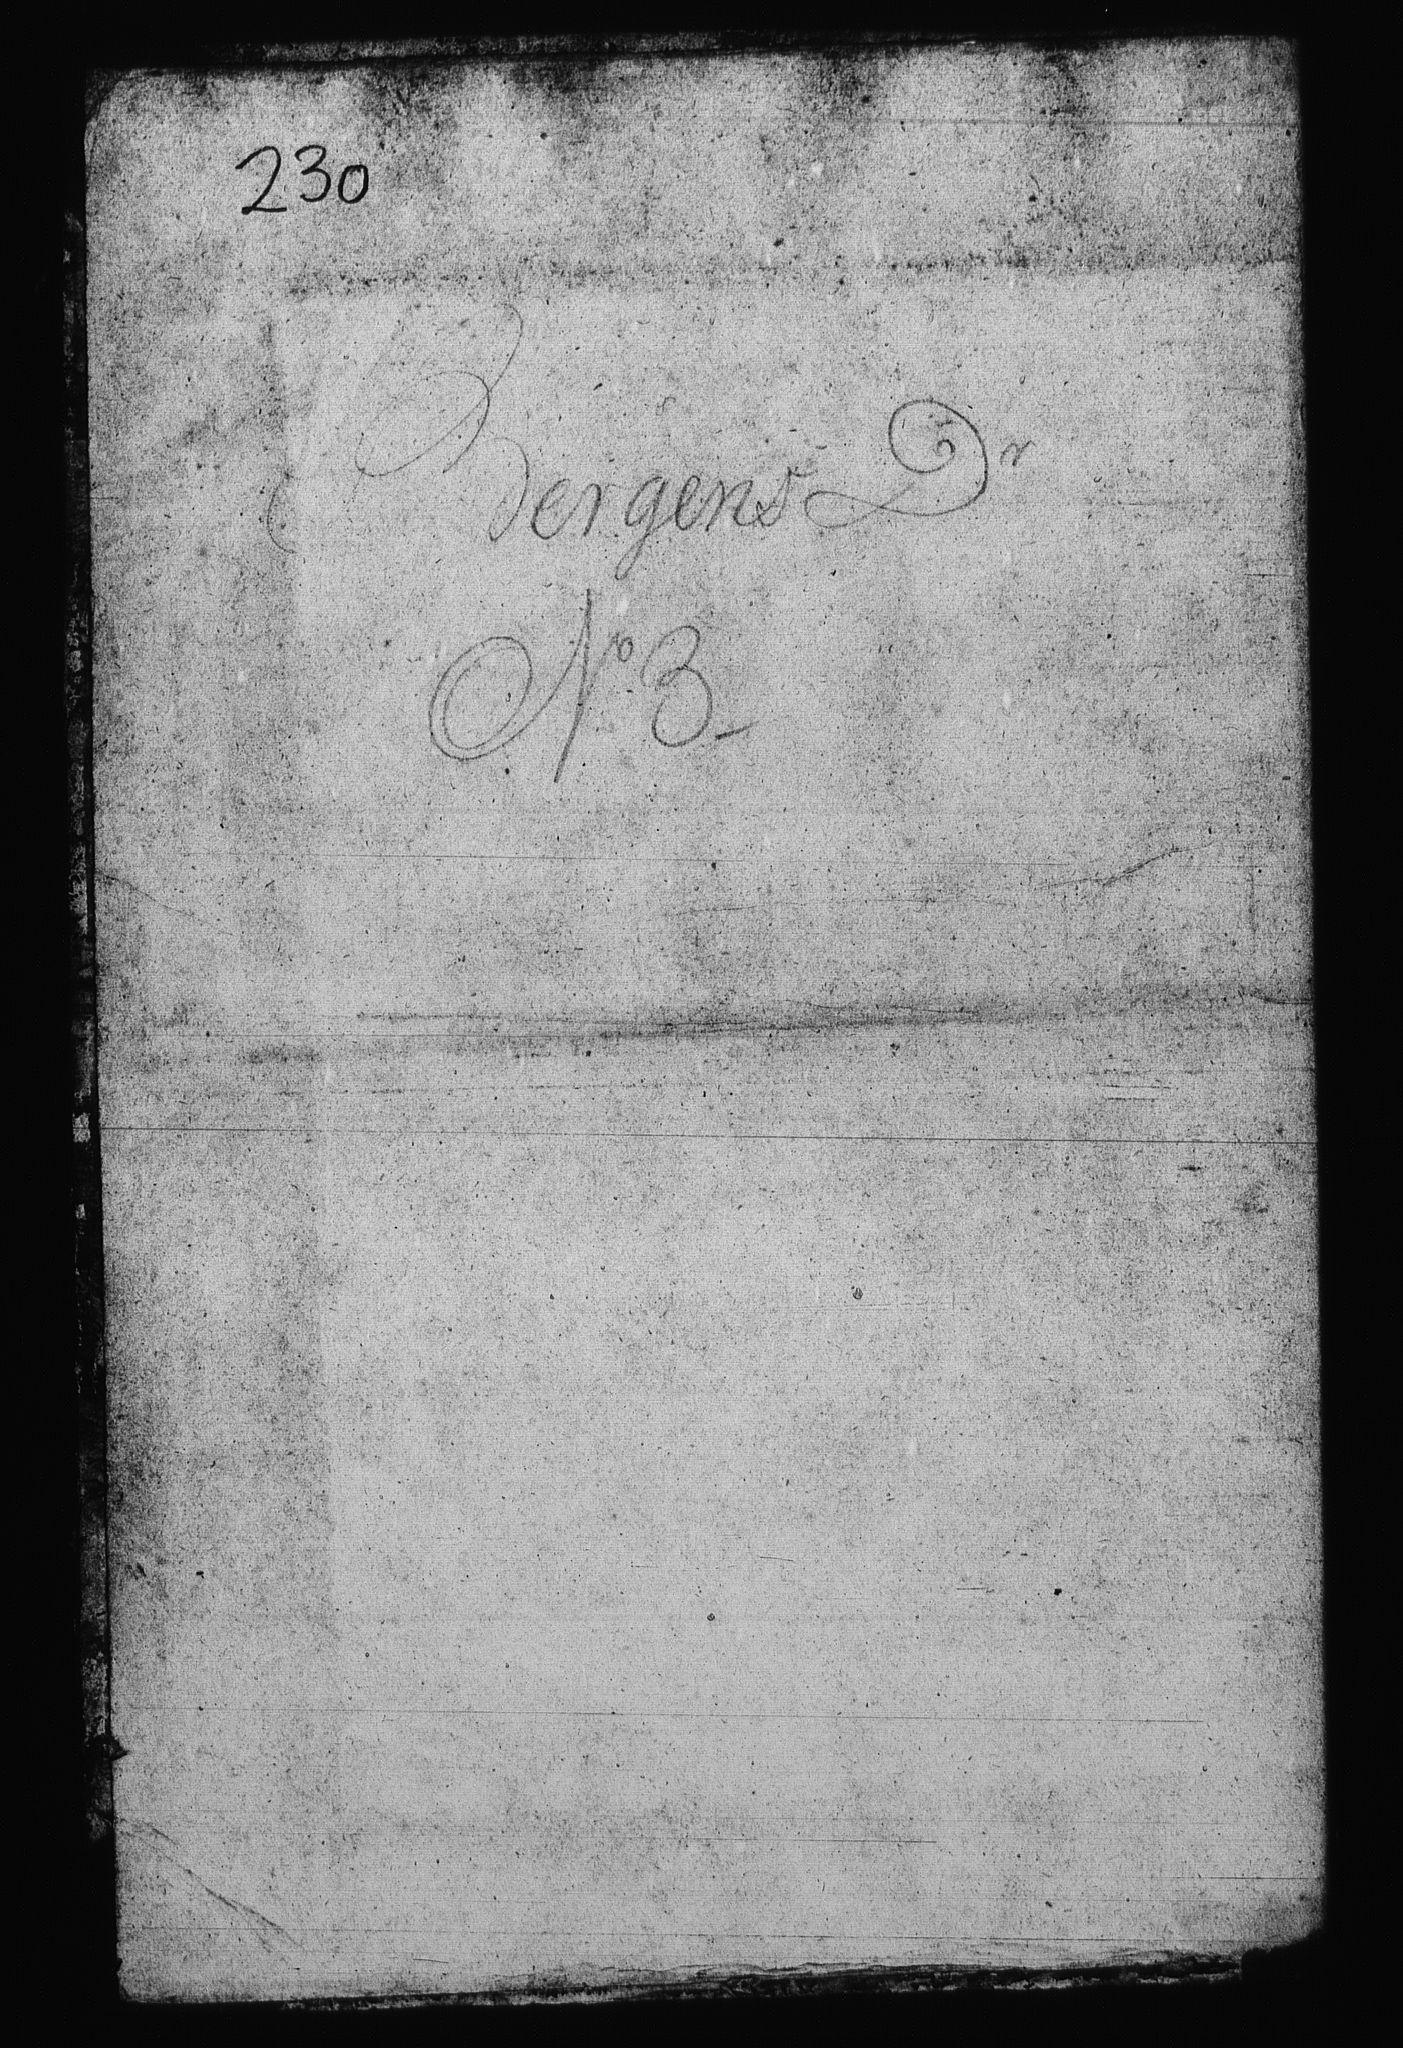 RA, Sjøetaten, F/L0231: Bergen distrikt, bind 3, 1800